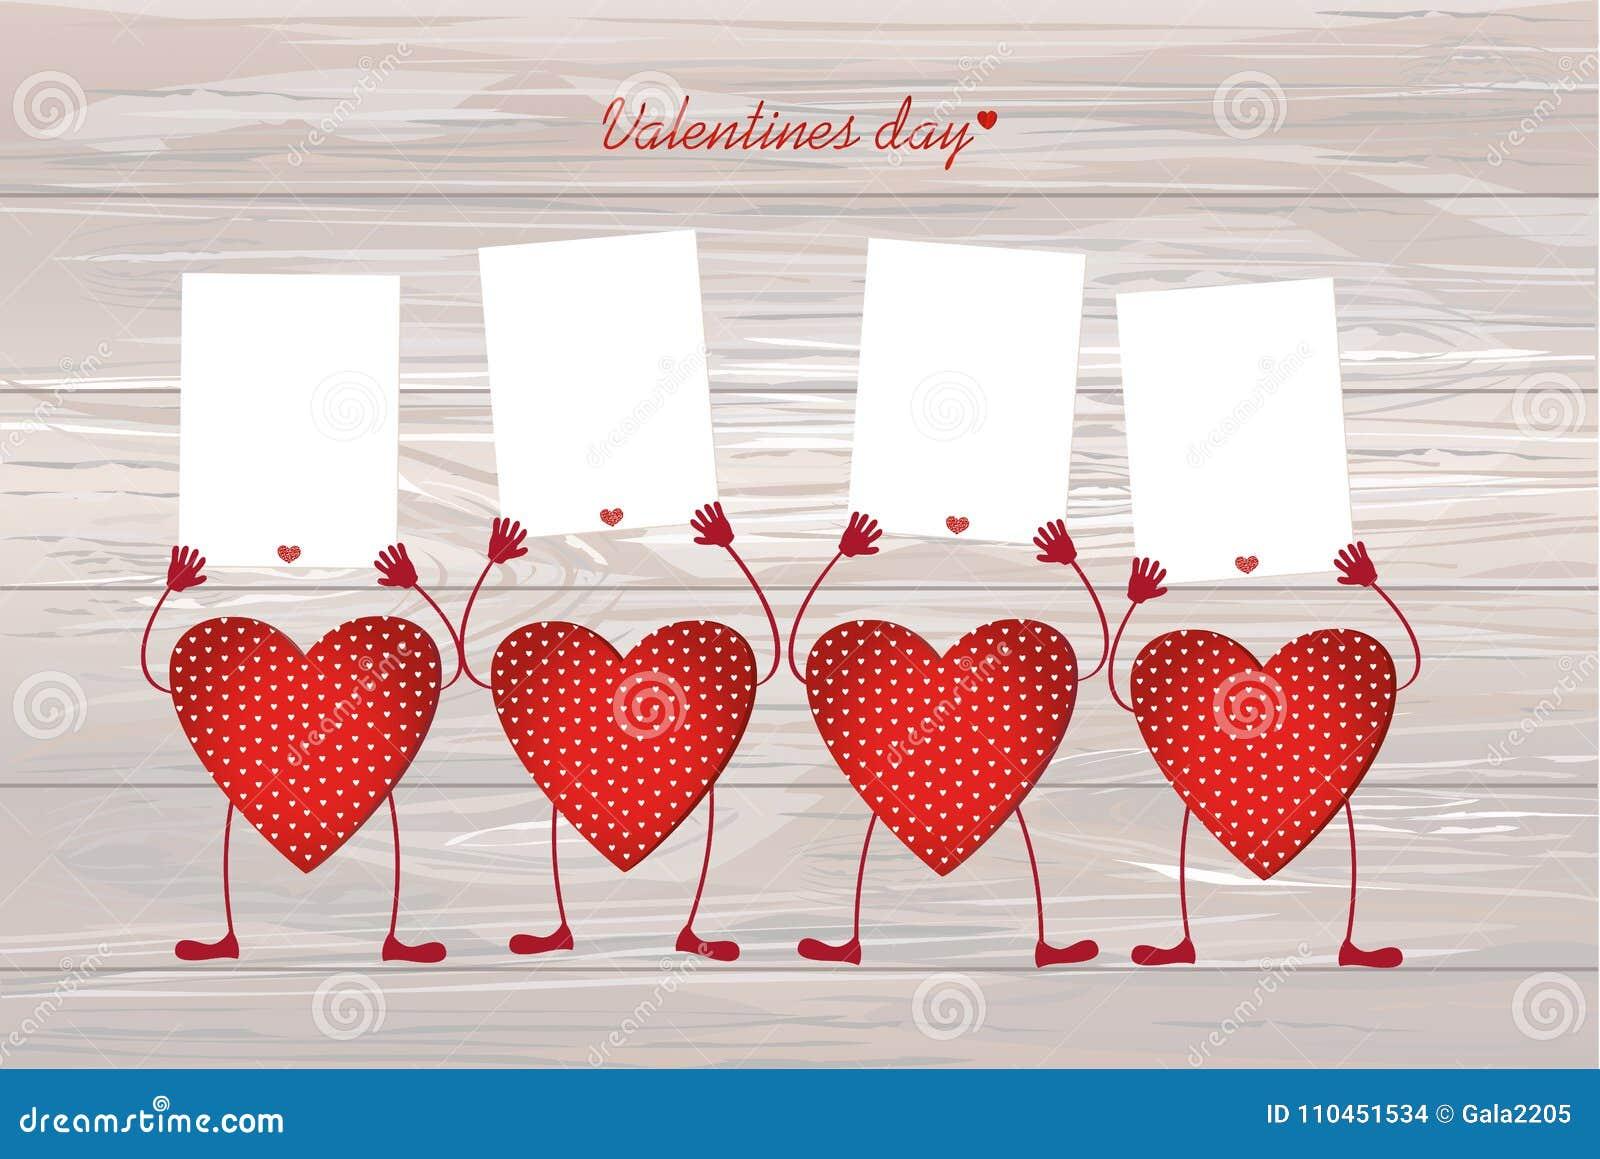 Röda hjärtor med ben och händer som rymmer tomma mellanrumssidor för y